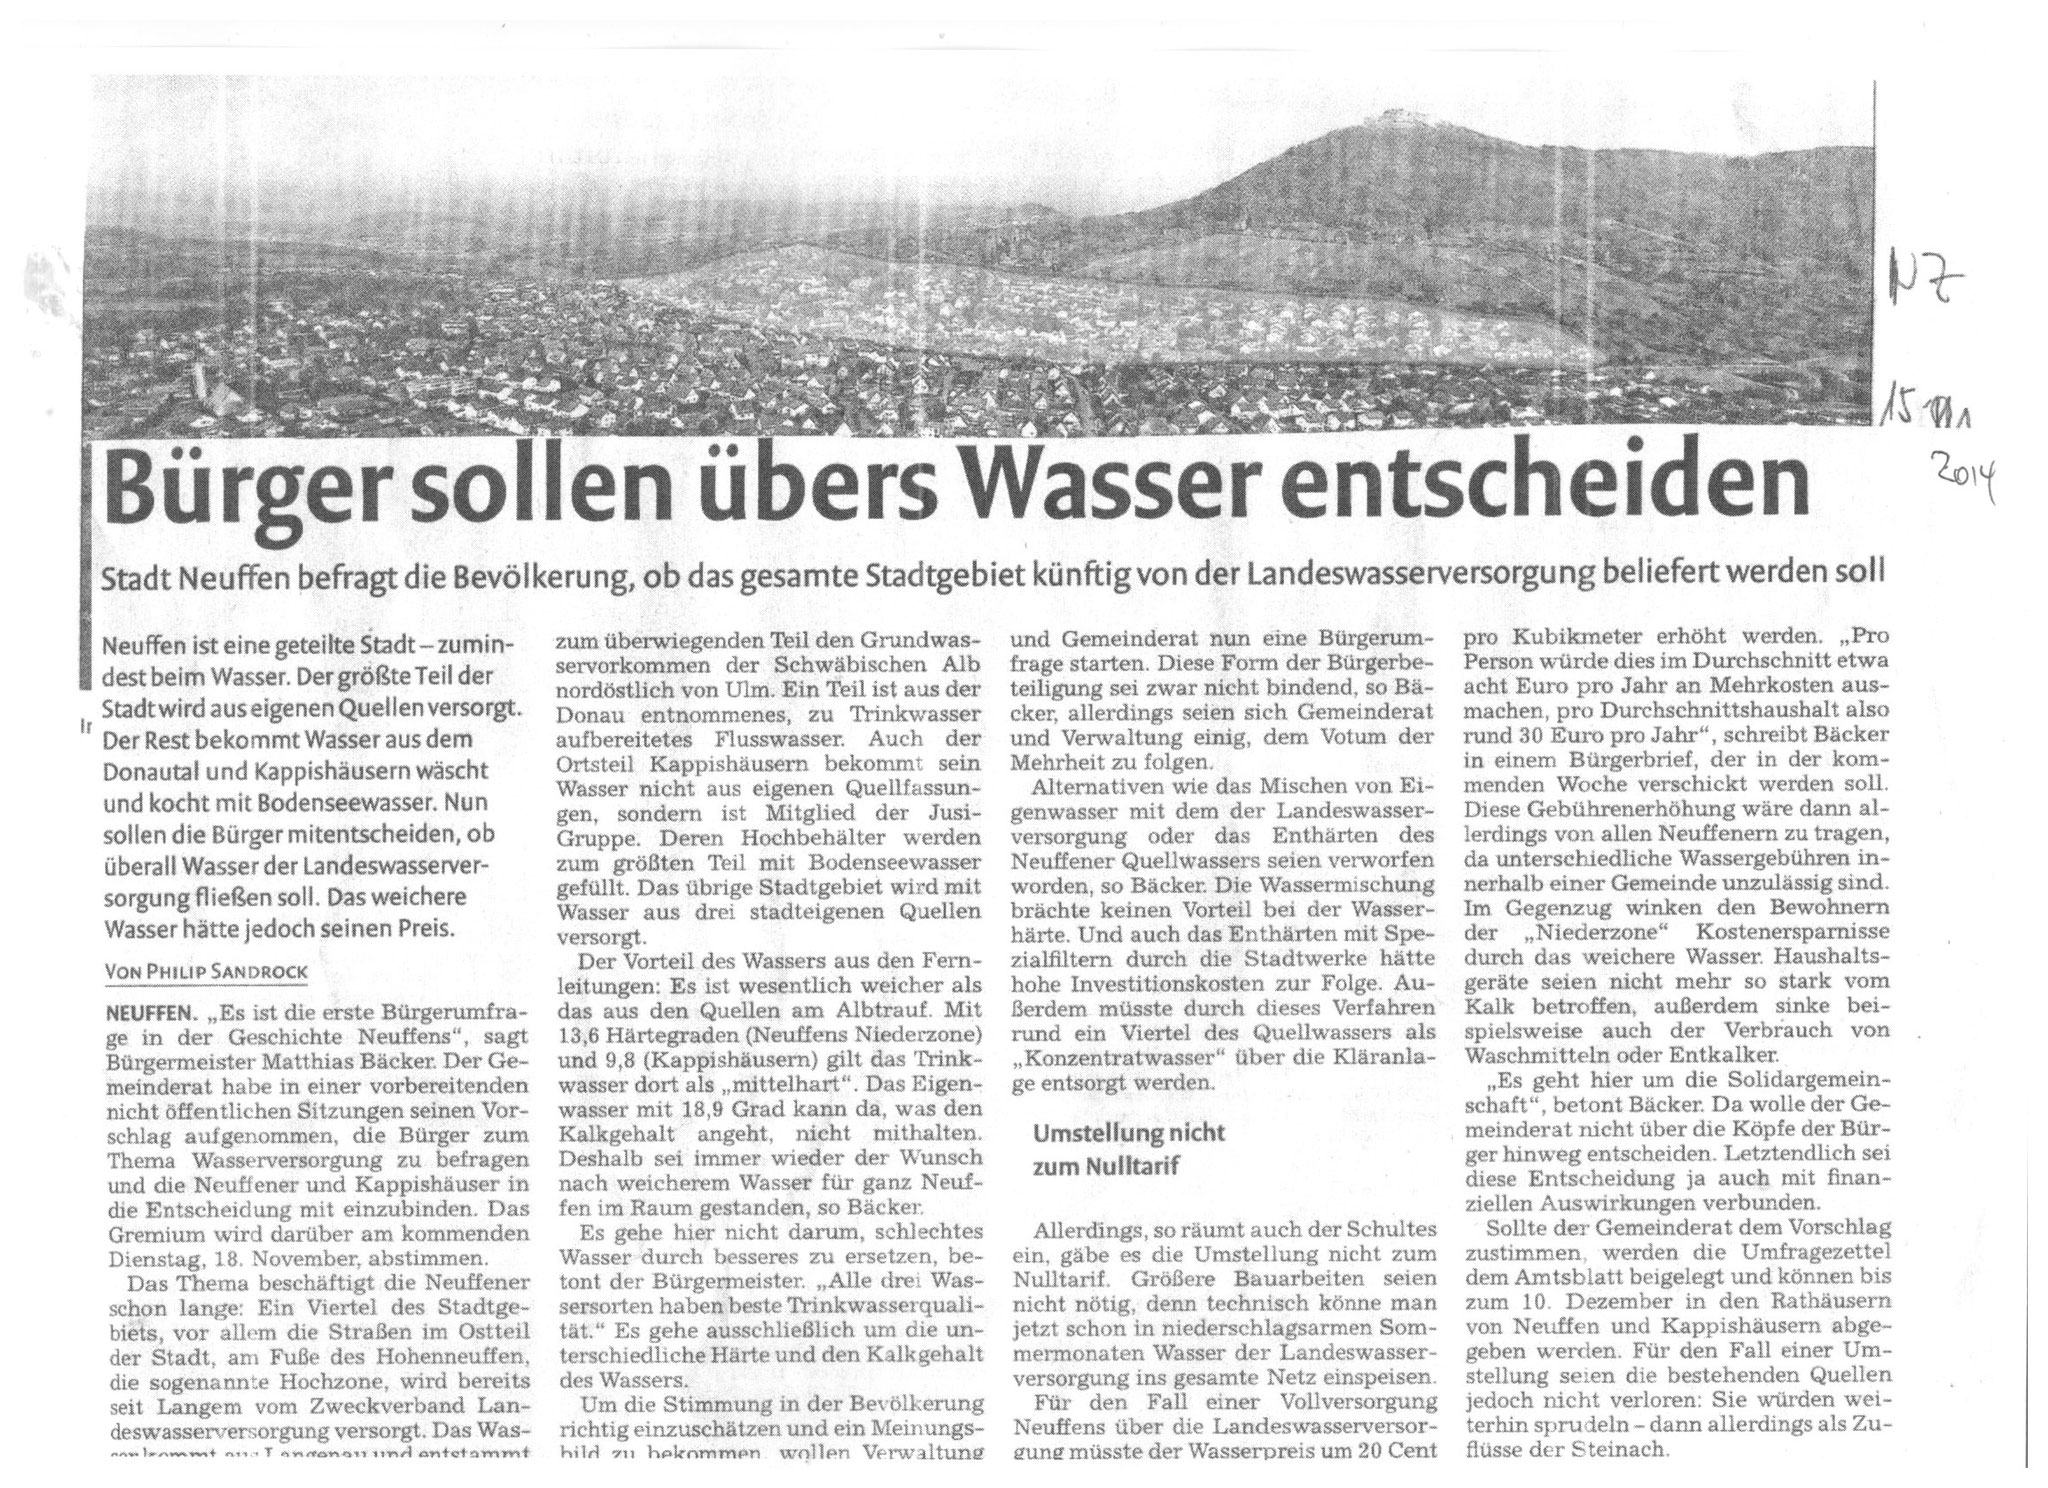 Pressebericht über den Gemeinderatsbeschluss